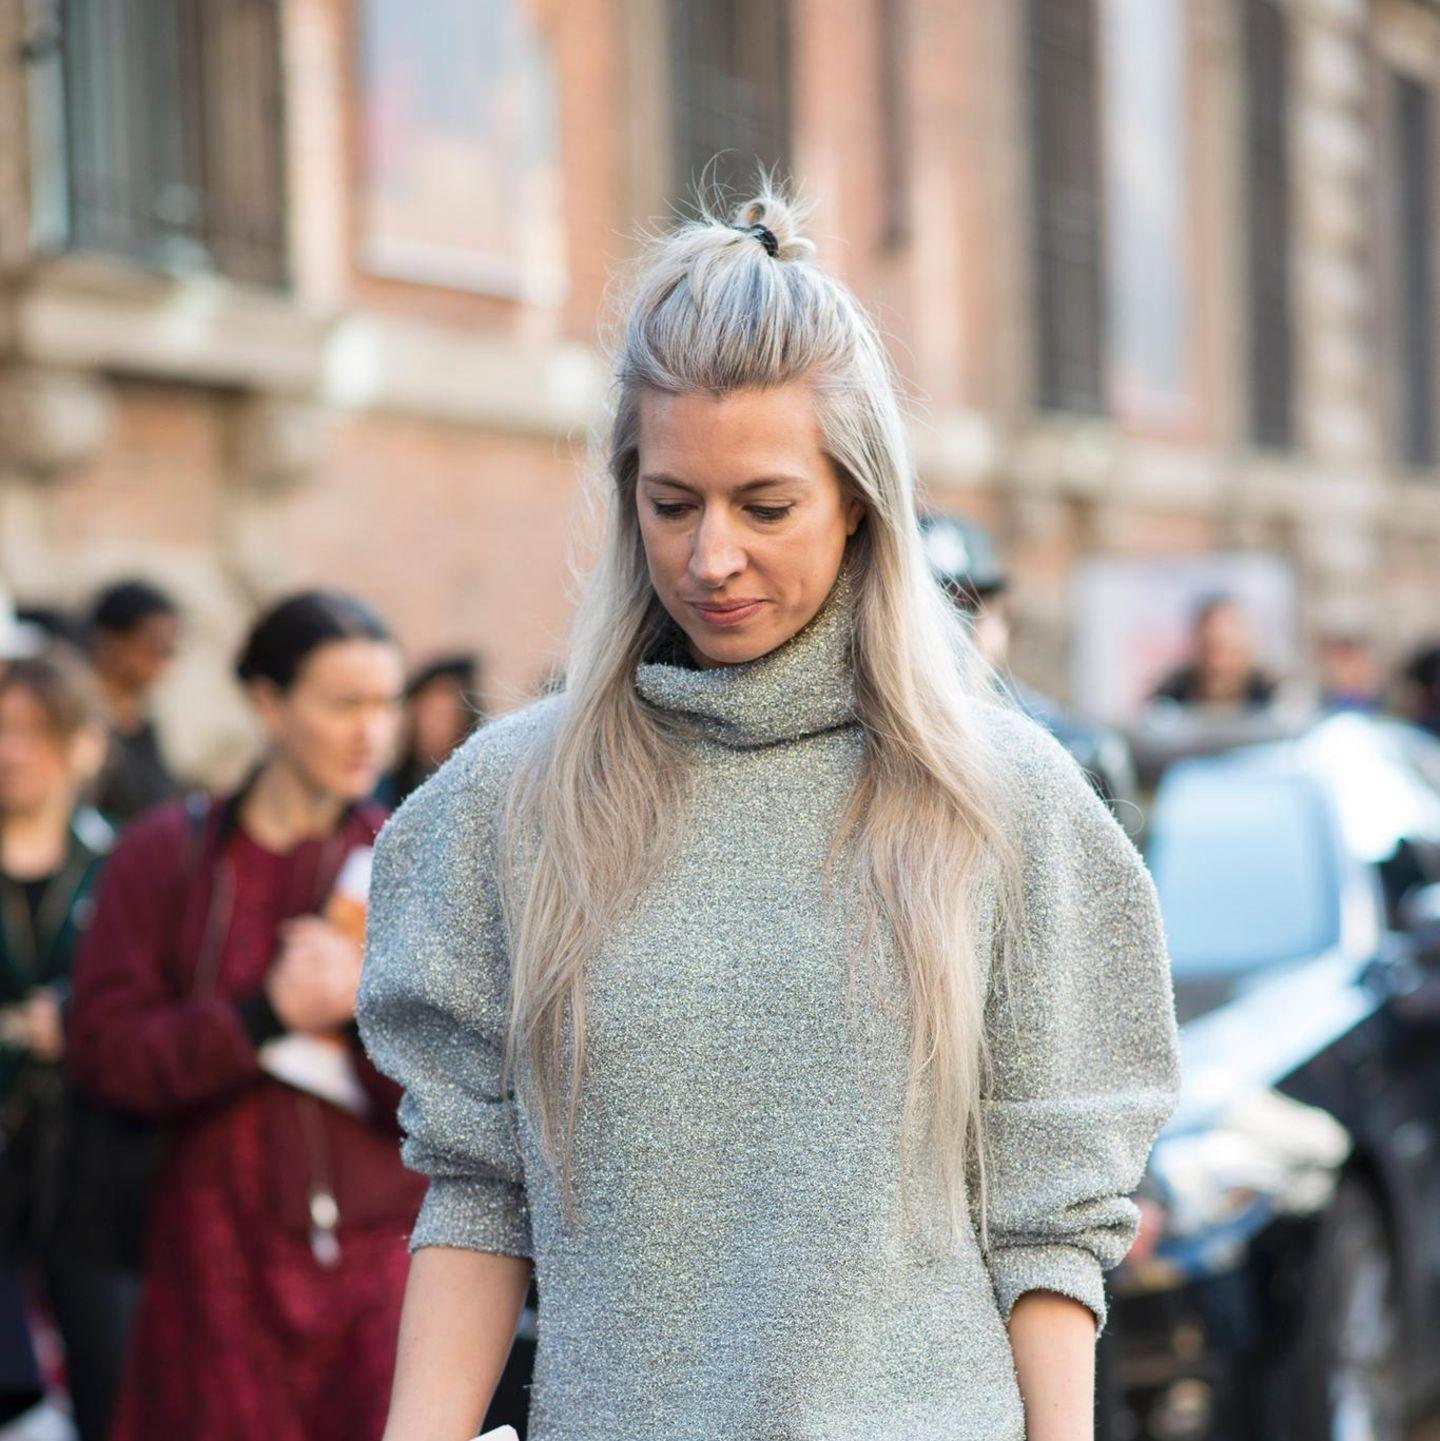 Frisurentrend: Lange Haare mit Duttfrisur